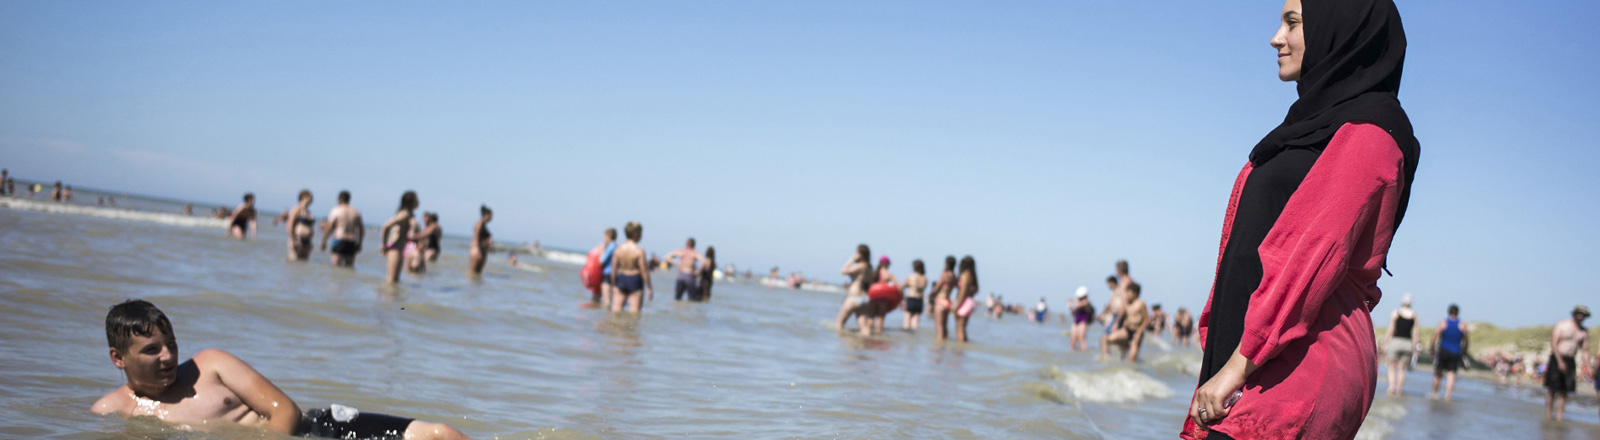 Am Meer steht eine Frau im Burkini. Im Wasser schwimmt ein Junge; Foto: dpa